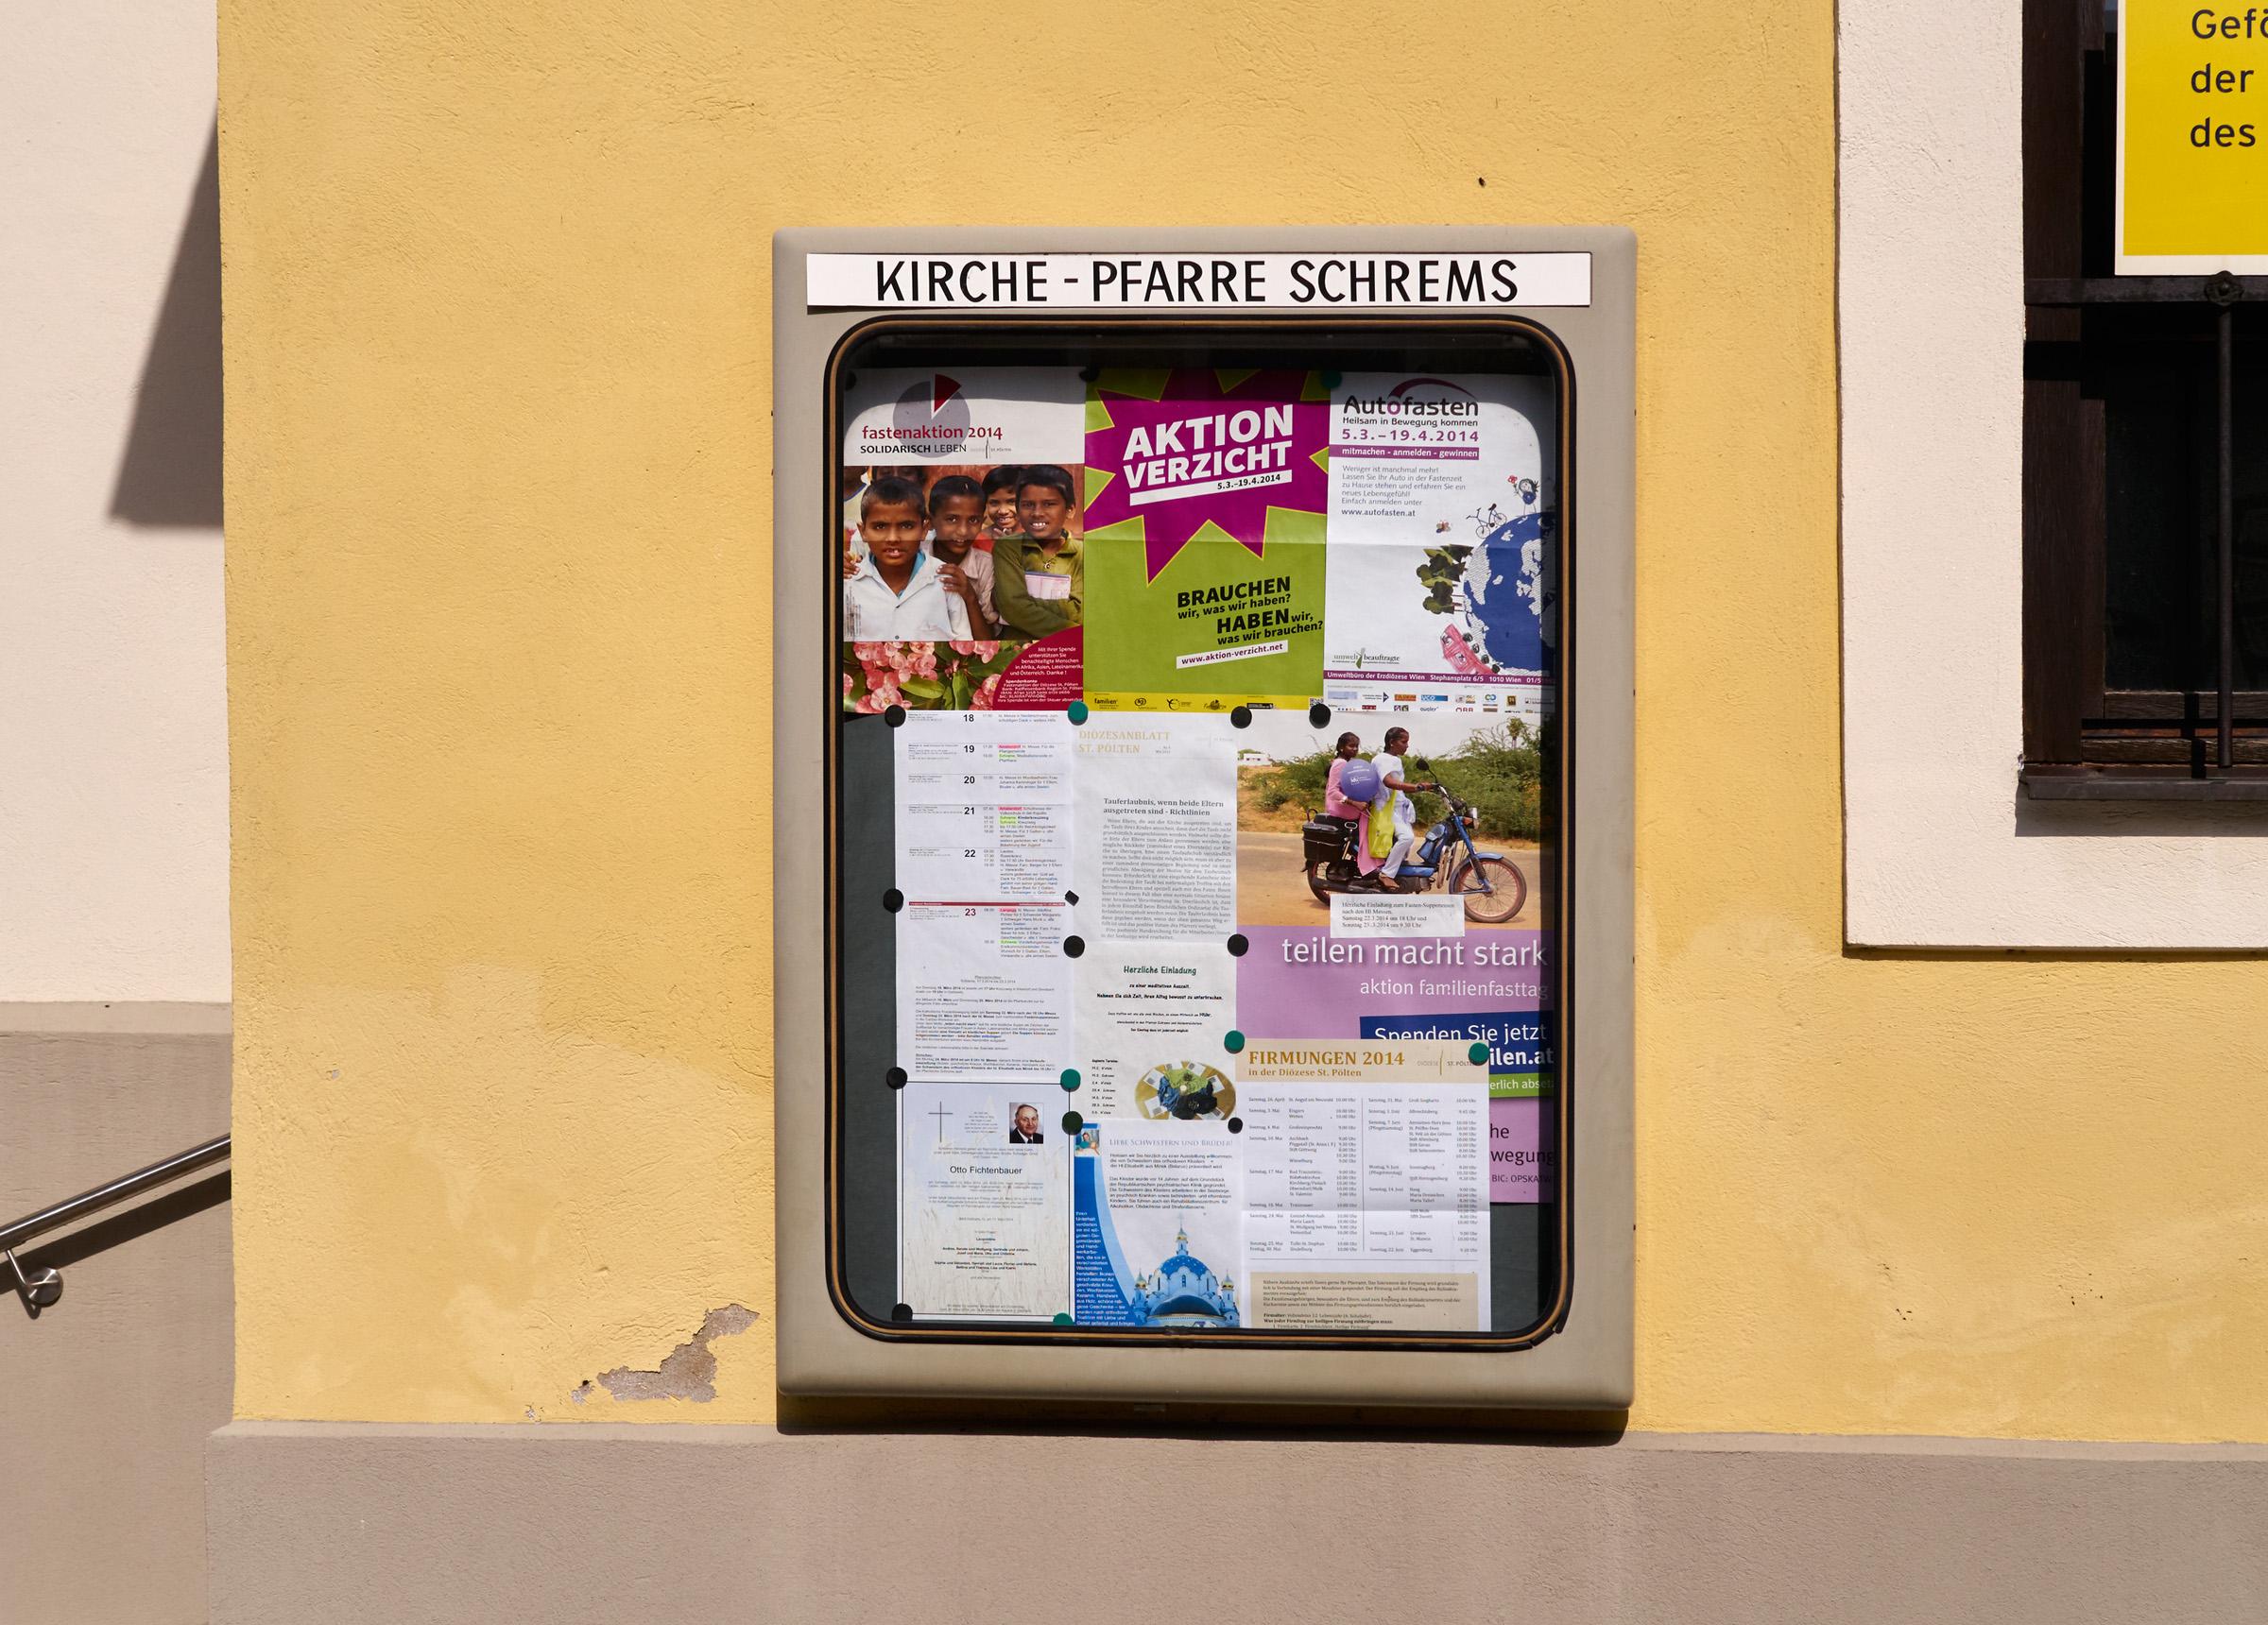 Schrems Kirche nah 2014-03-18.jpg